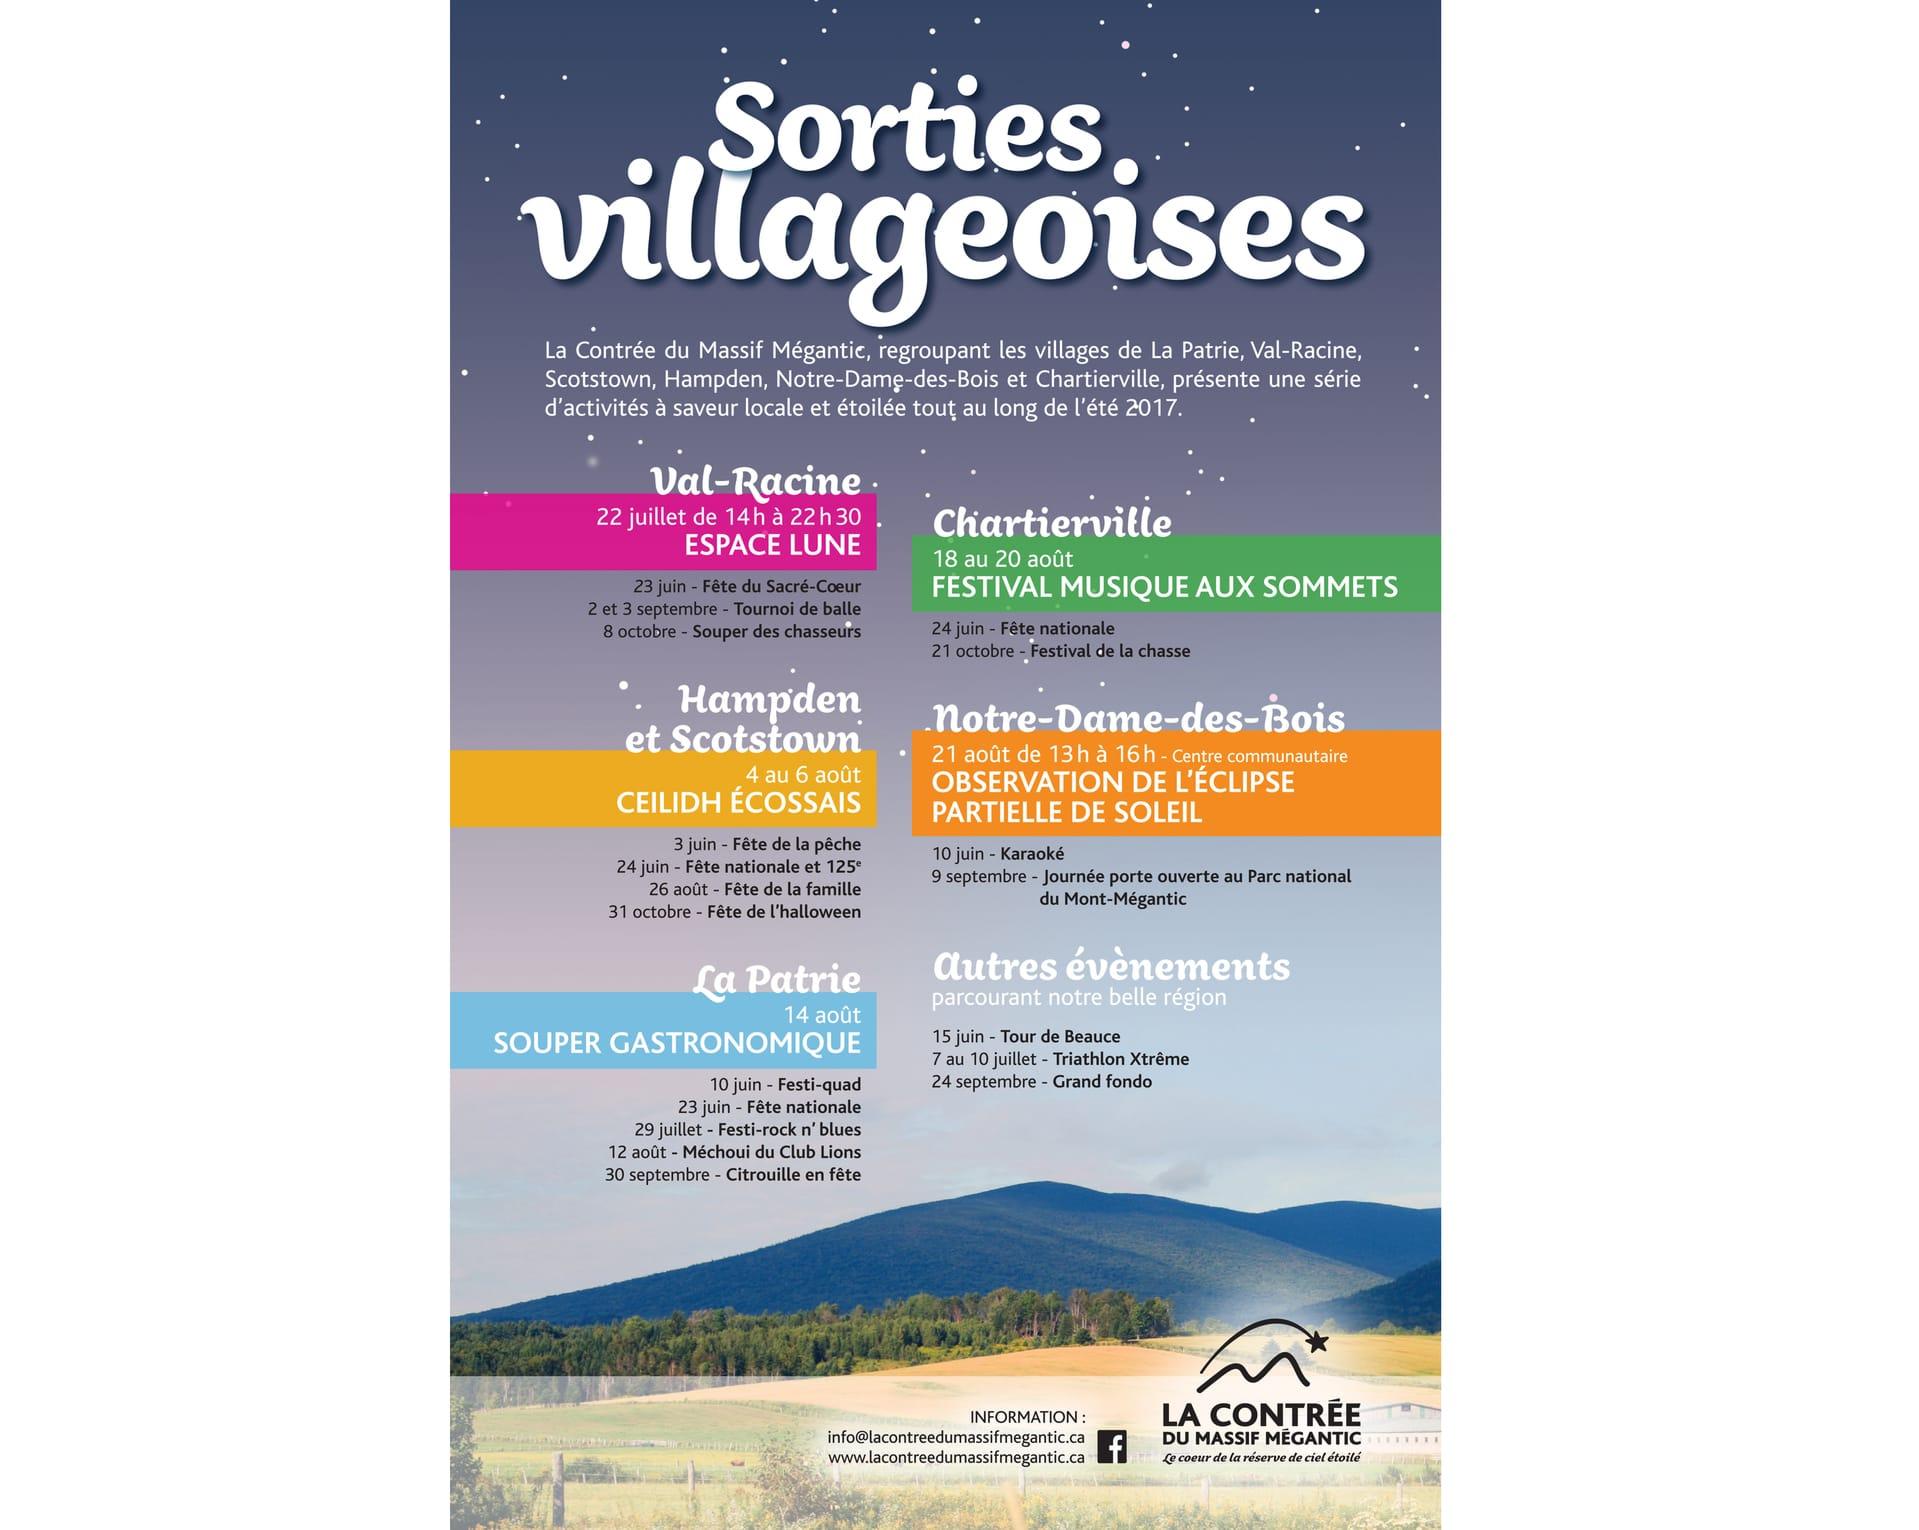 Espace Lune à Val-Racine, Sorties villageoises, activité gratuite